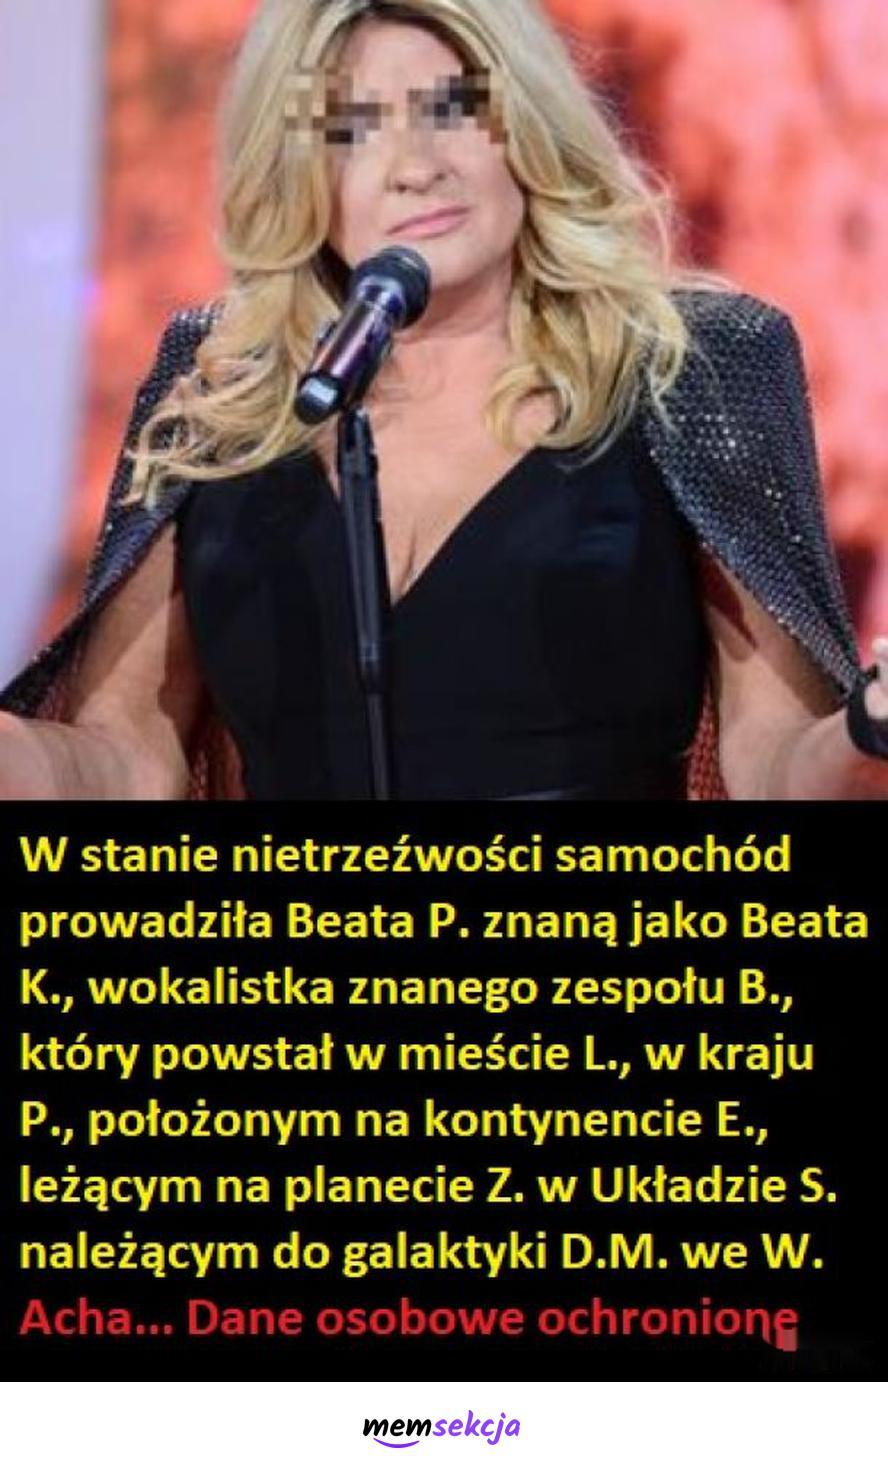 Ochrona danych osobowych osób publicznych. Memy. Beata  Kozidrak. Rodo